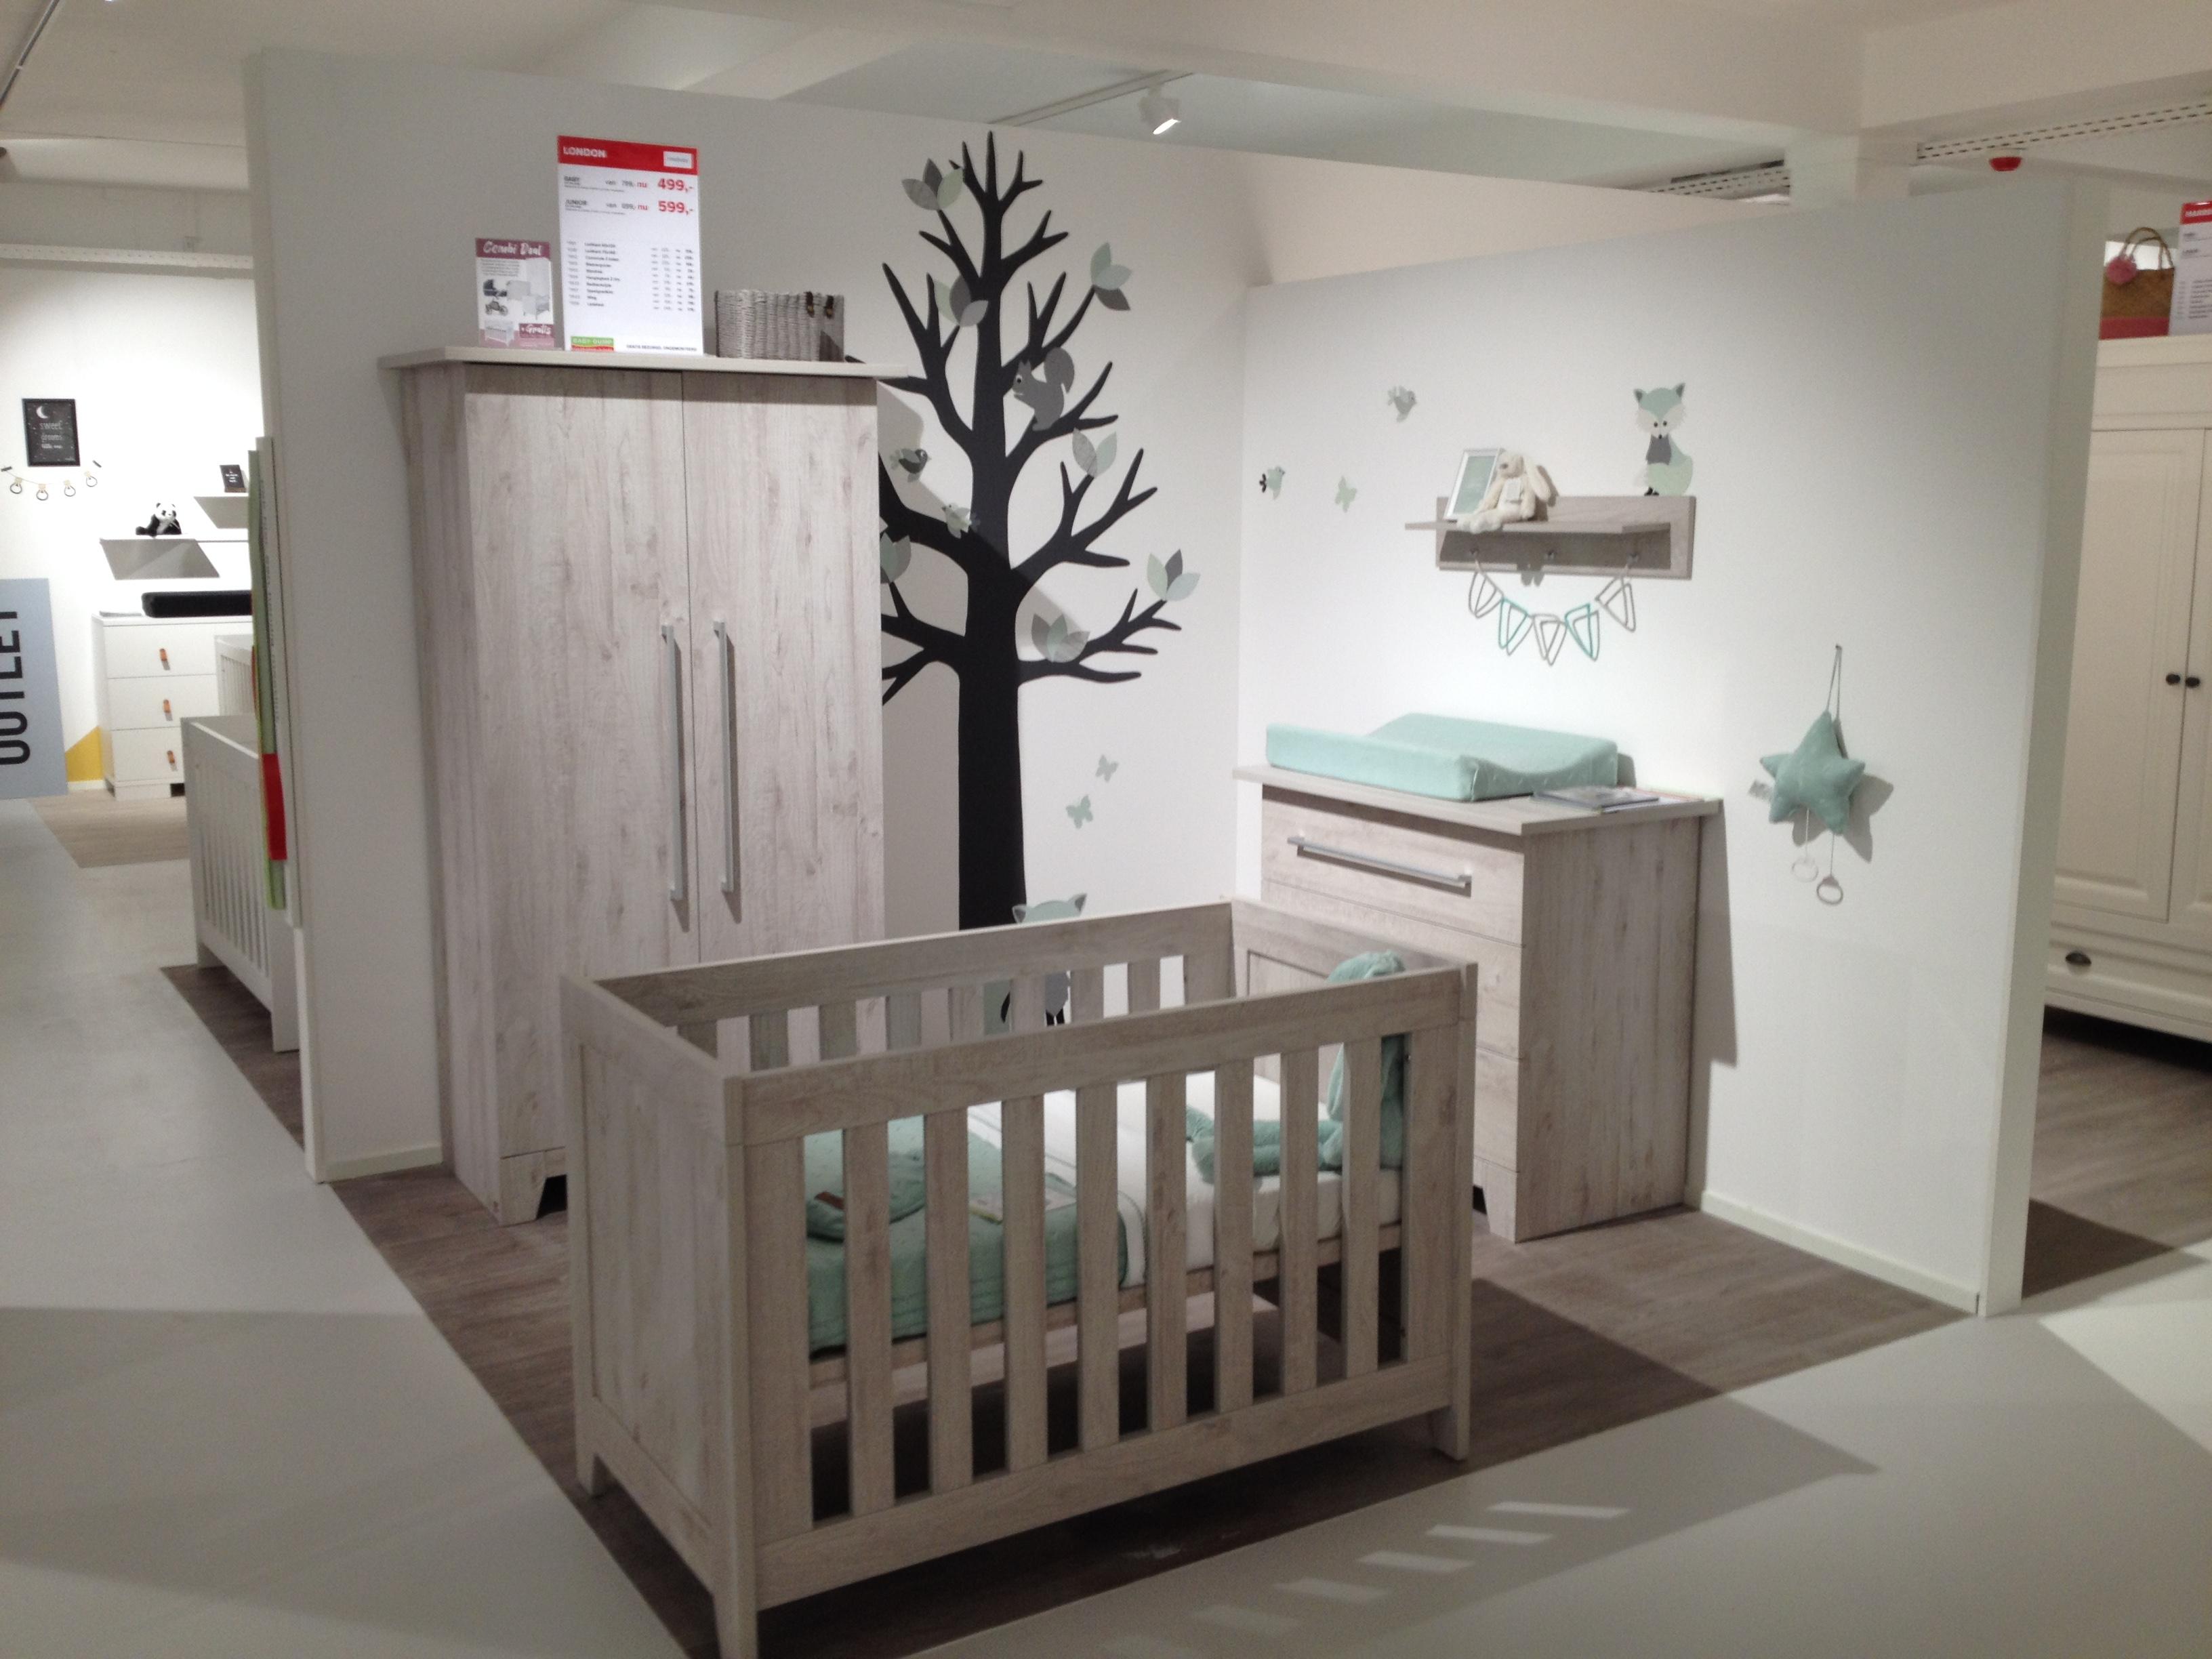 Babykamer inspiratie behangdecoratie muurdecoratie baby zwangerschap kinderkamer trends